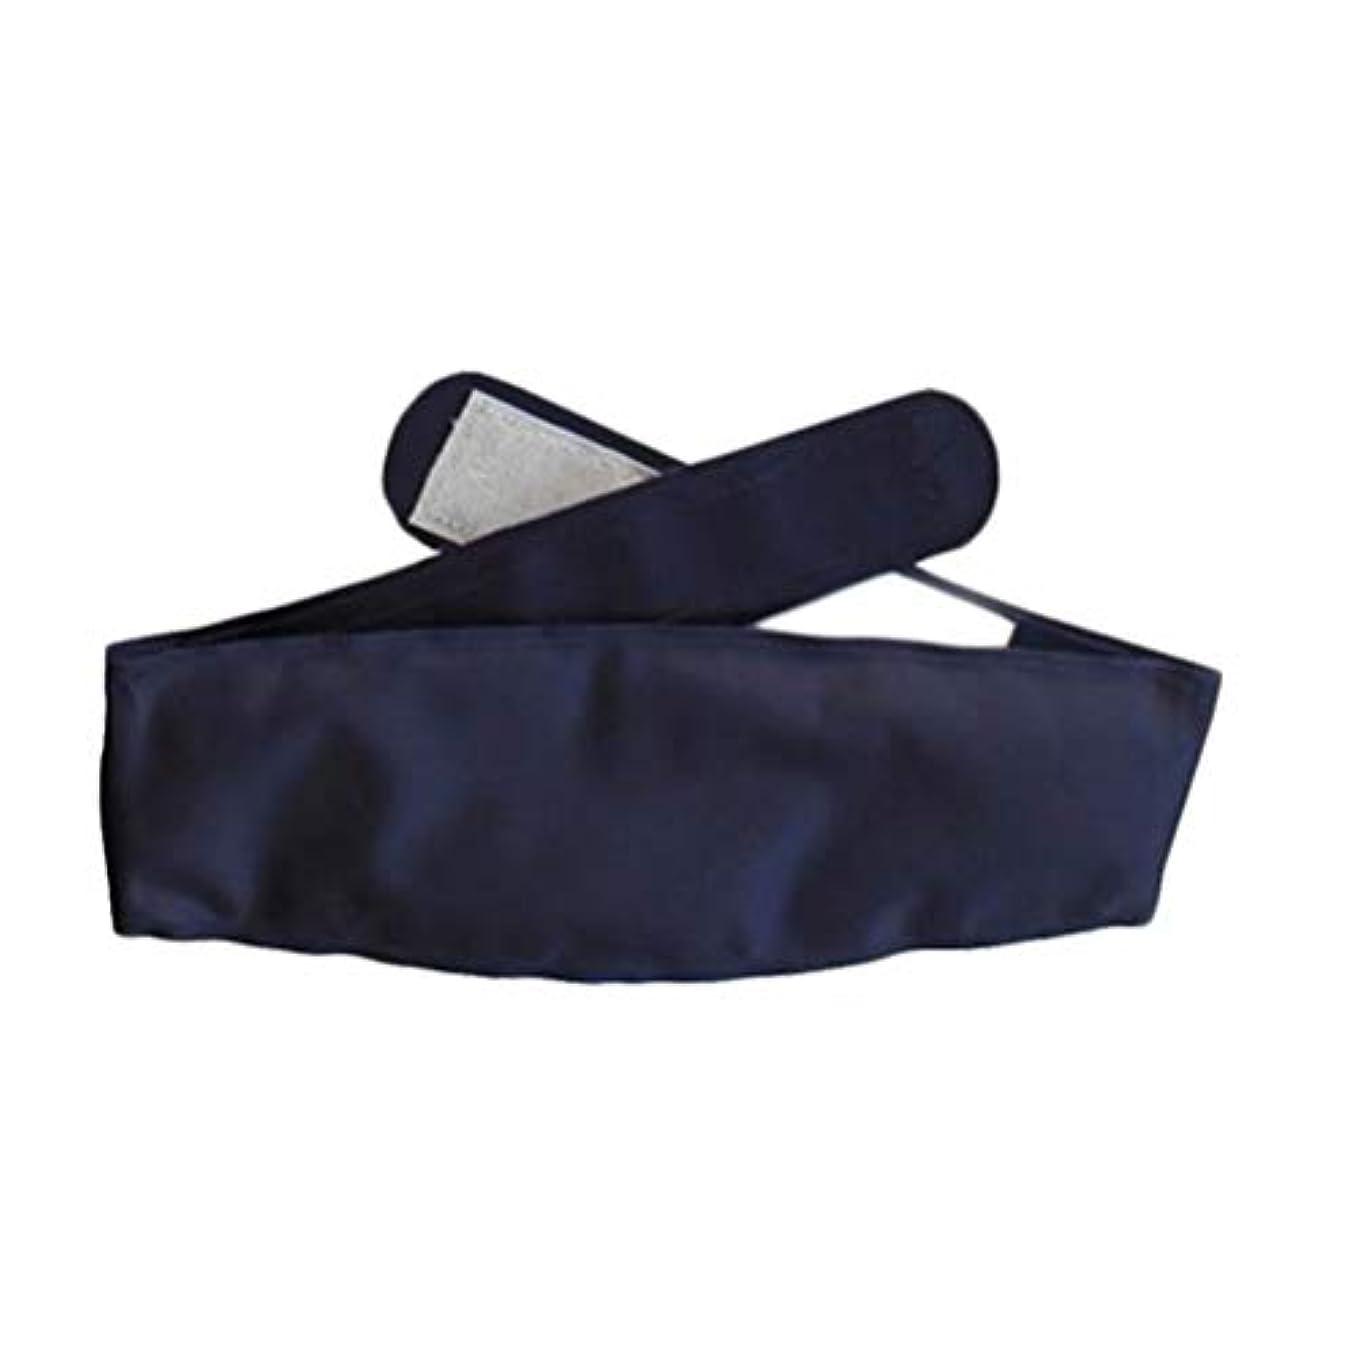 指導する伝導場所HEALLILY ジェルアイスパック1個再利用可能なコールドセラピーパック、ホット&コールドセラピーパッド、首、膝、捻rain、痛みの軽減